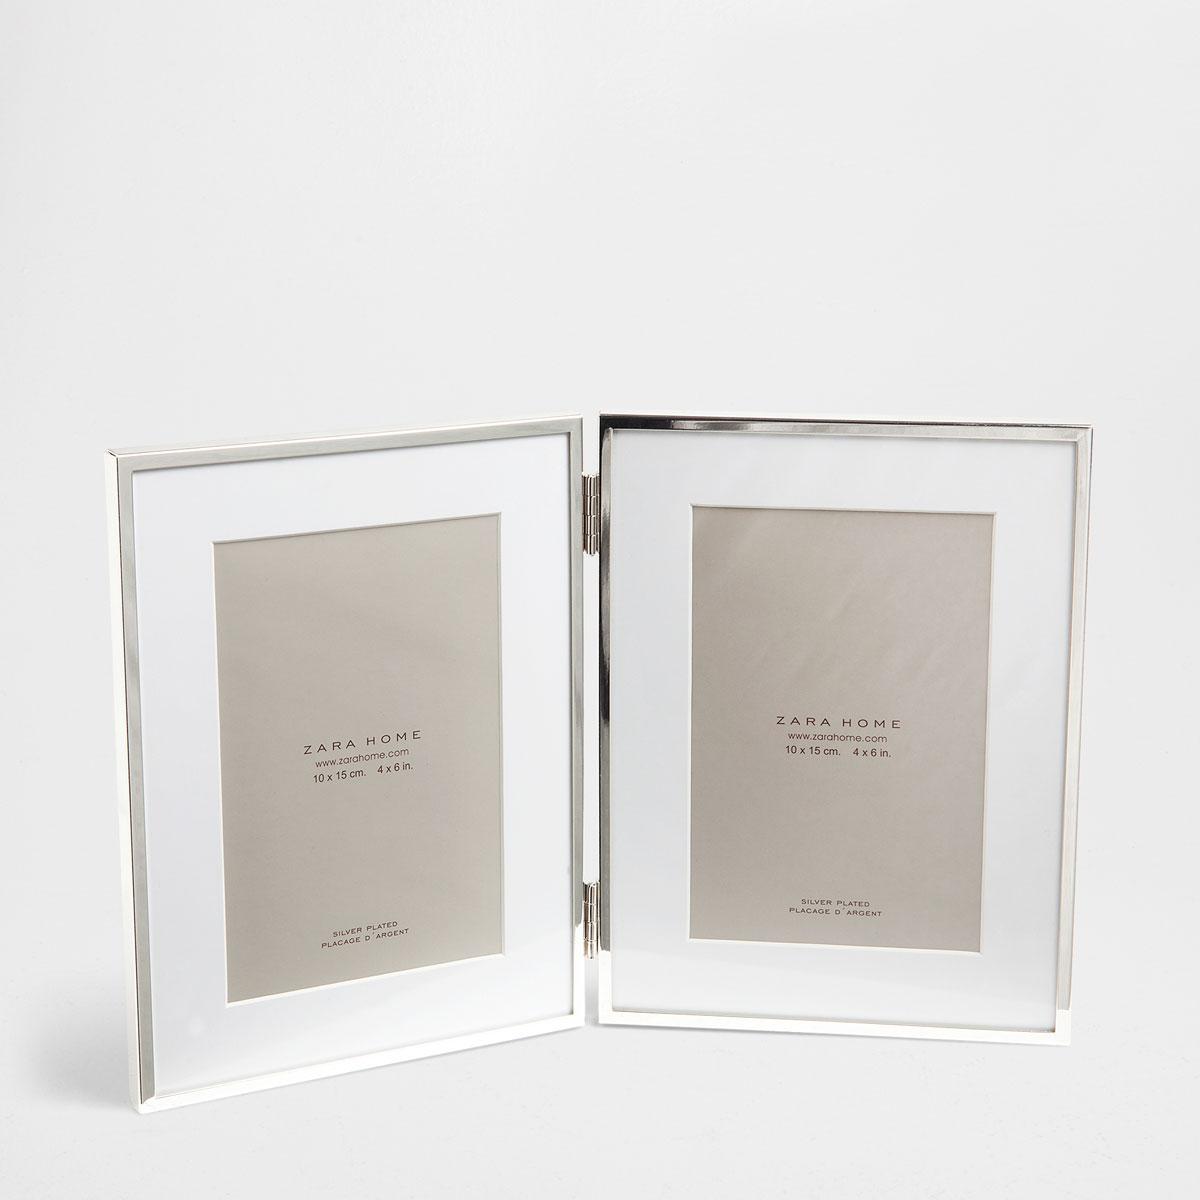 Zara home €19,99